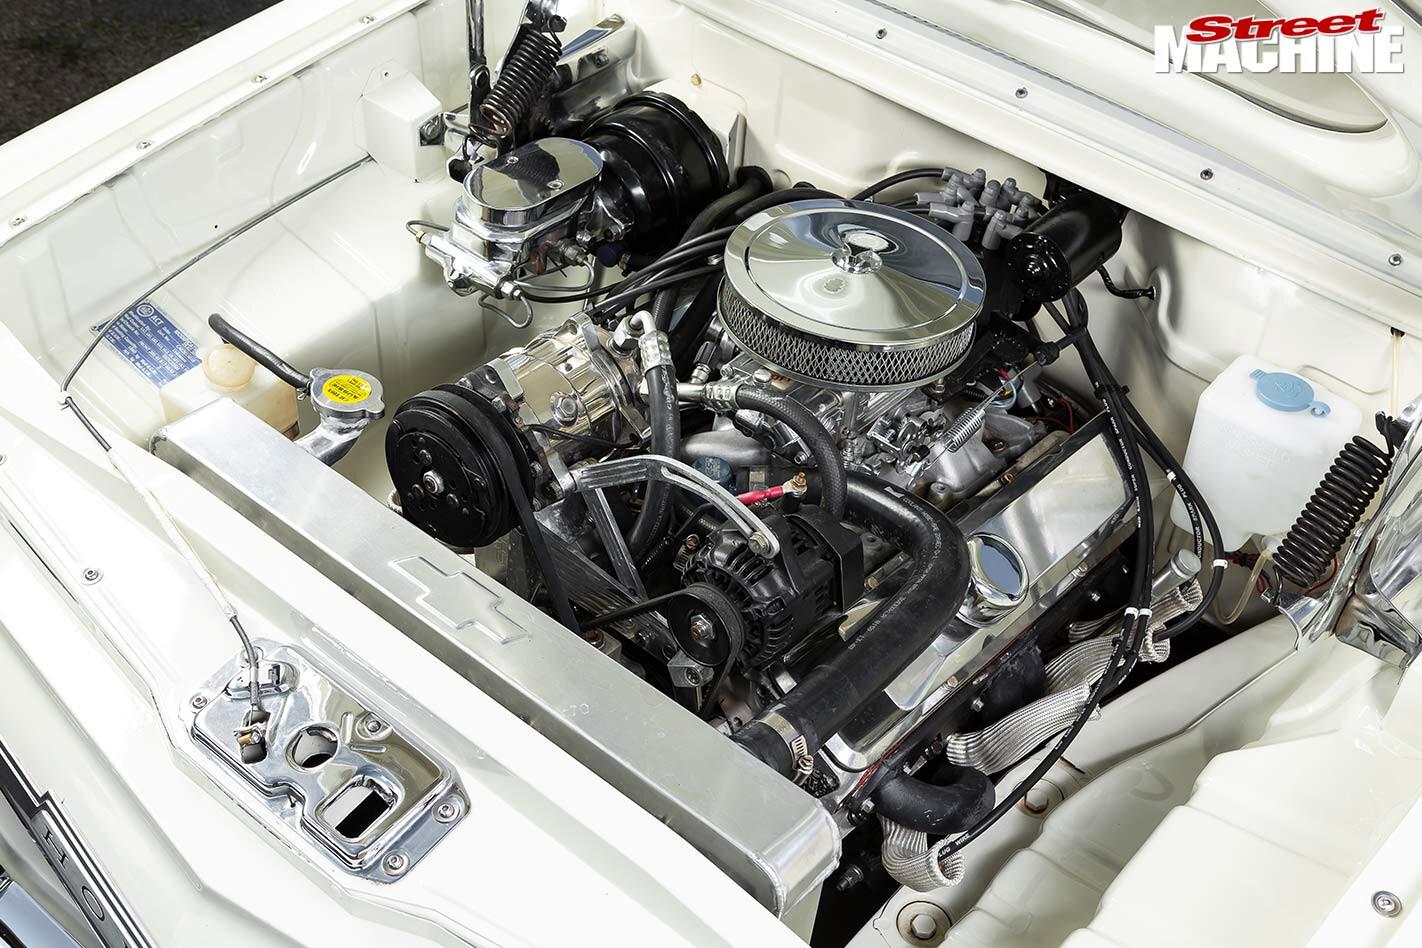 Holden EH panel van engine bay